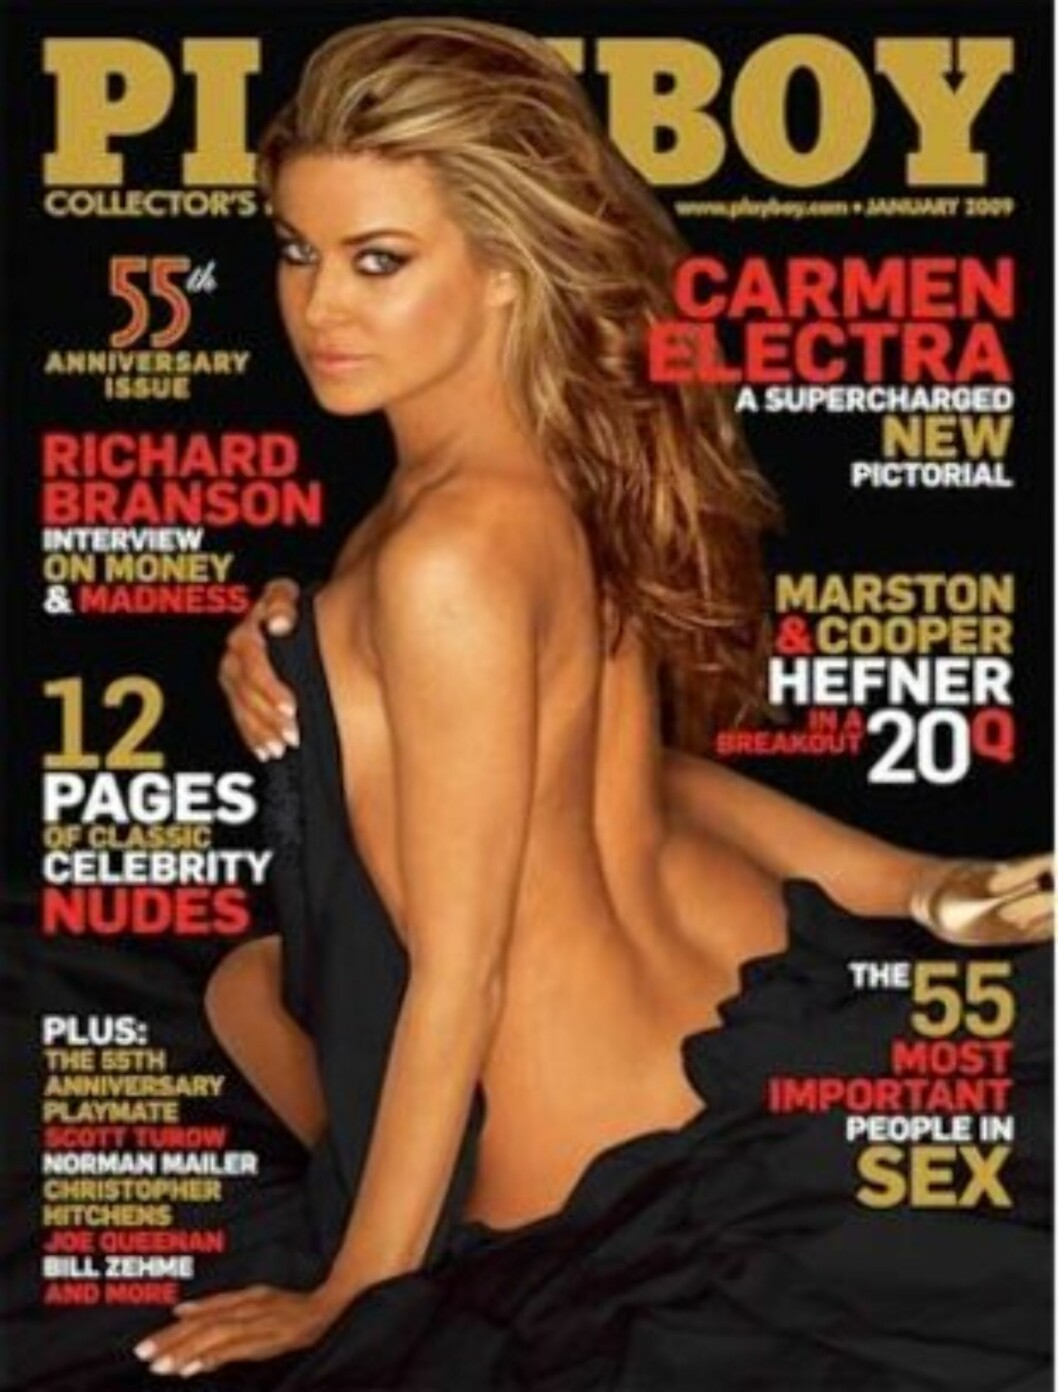 HOT: Carmen Electra har posert flere ganger for Playboy, skal ved én av anledningene ha fått 3 millioner. Denne utgaven er fra januar 2009. Foto: Faksimile